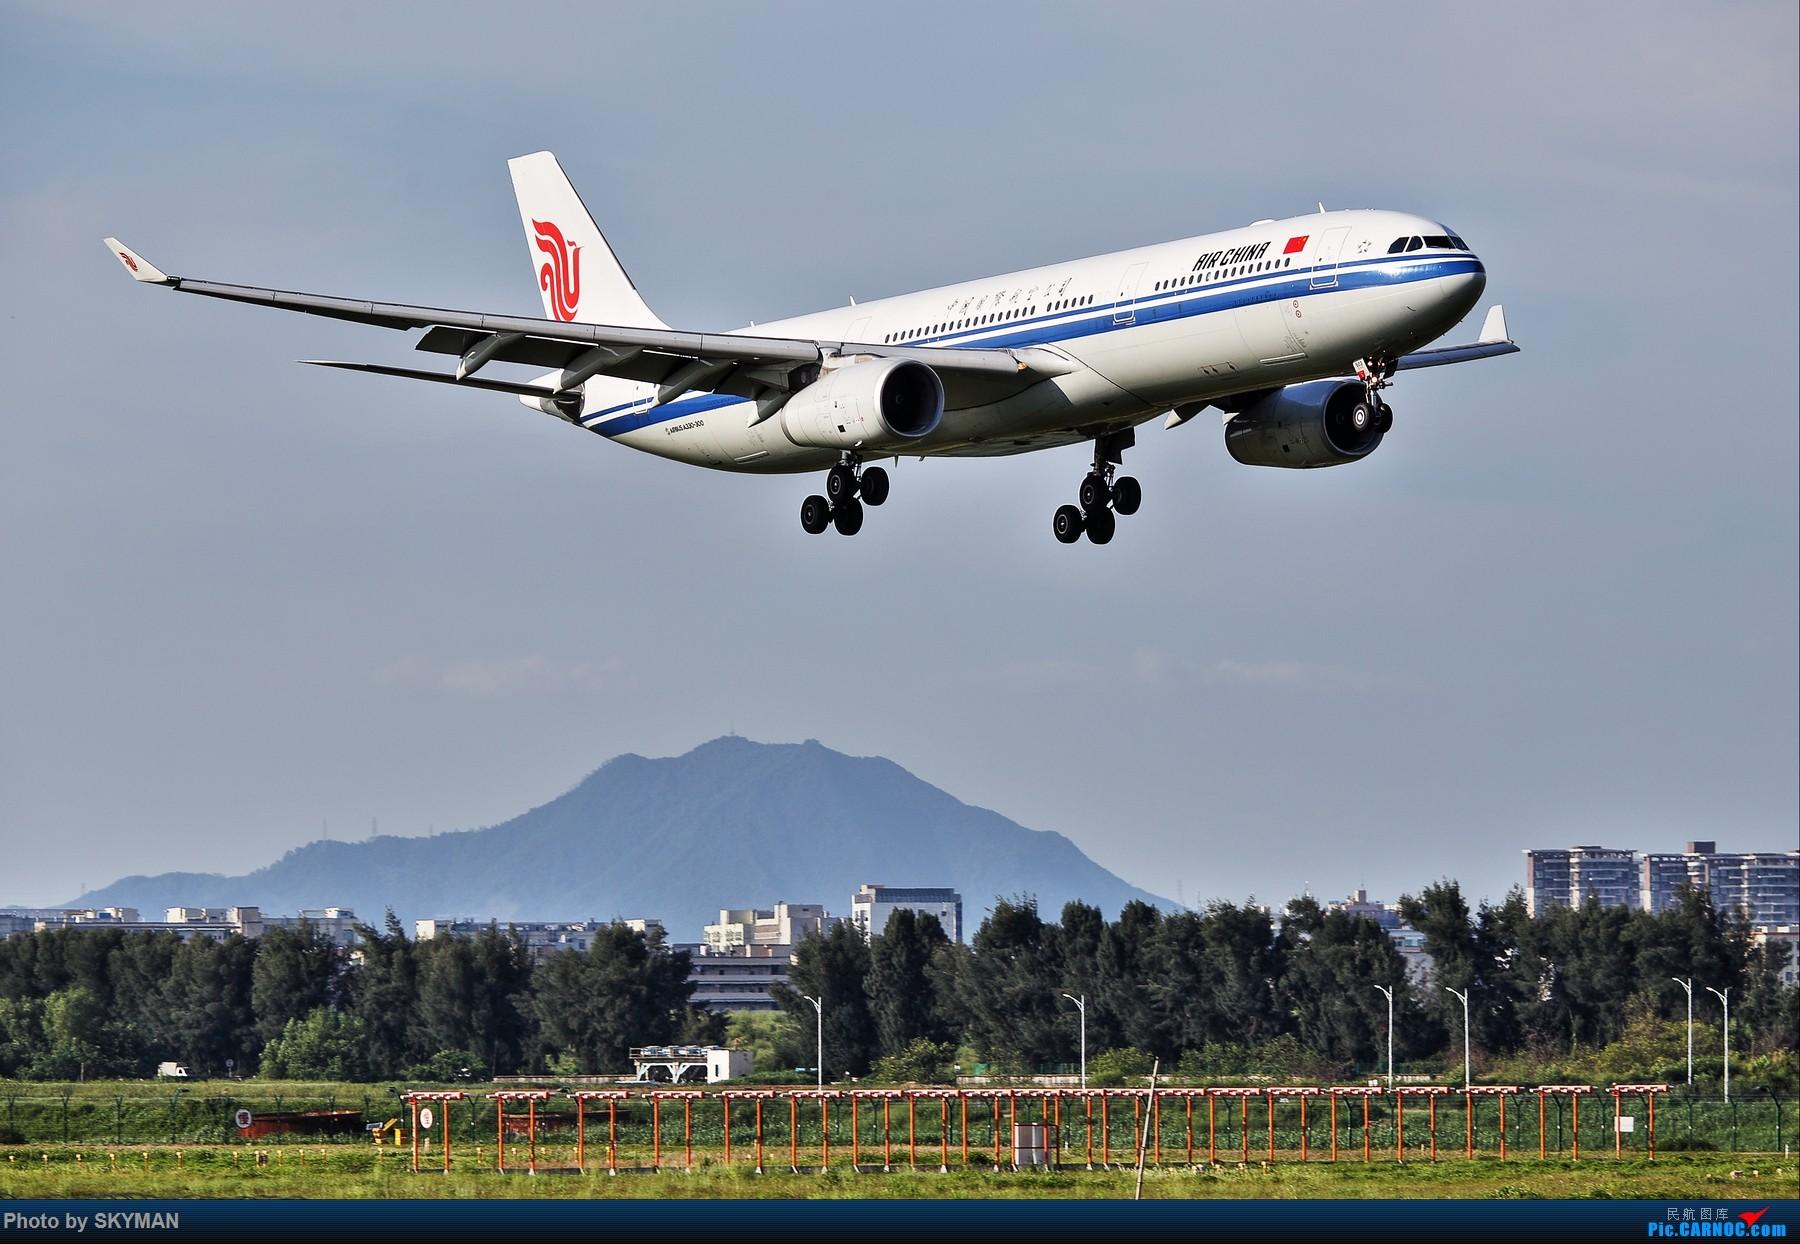 Re:[原创]BLDDQ 冒冒冒冒冒冒冒冒个泡泡泡泡泡泡泡泡泡 AIRBUS A330-300